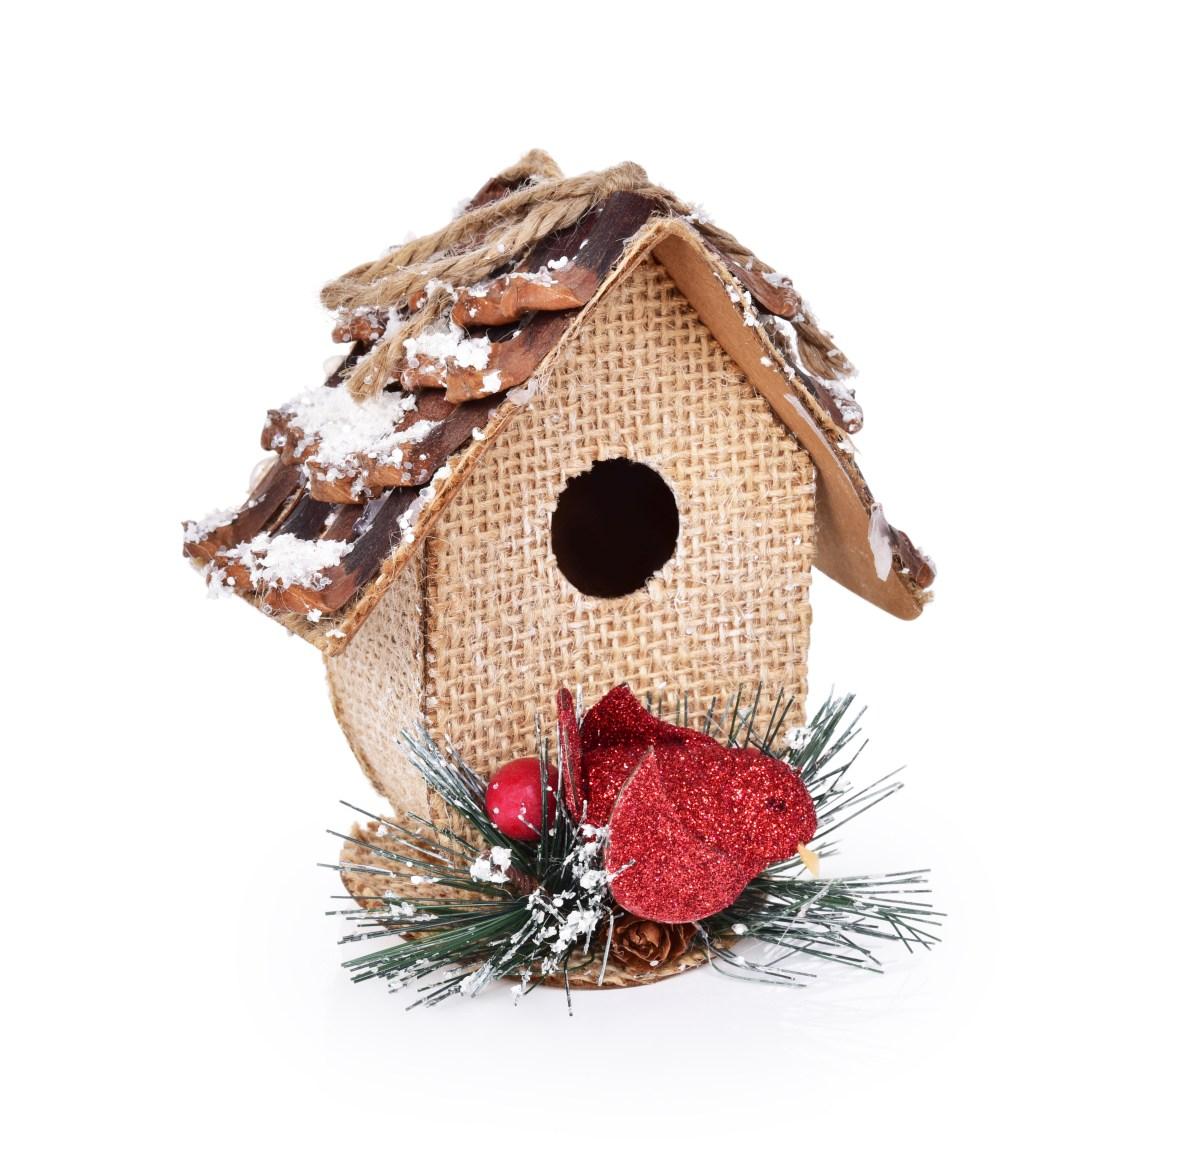 10 cm vysoká ptačí budka, závěsná vánoční ozdoba na stromek